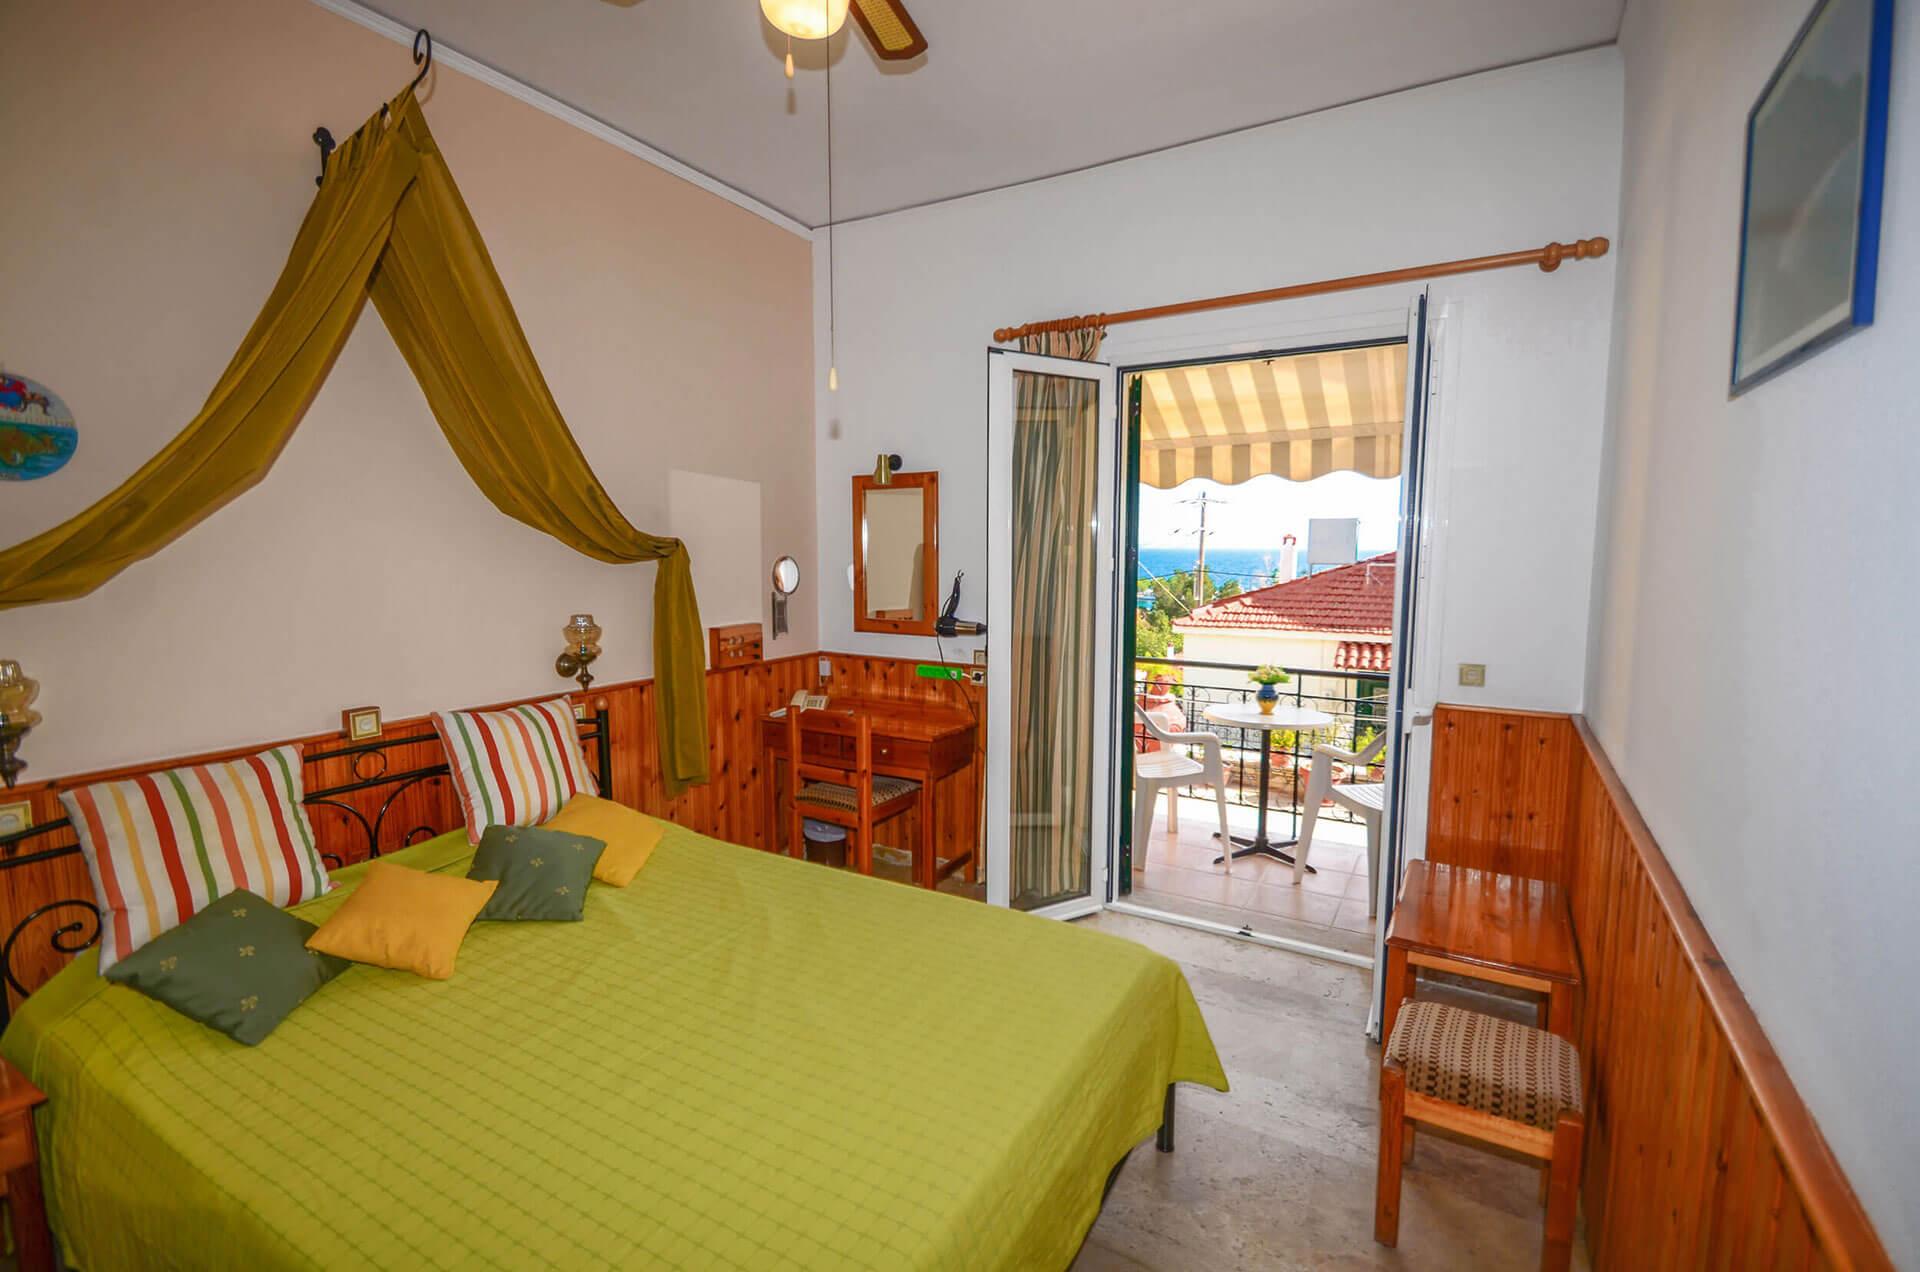 Garden View Rooms Partial Seaview Samaina Hotel